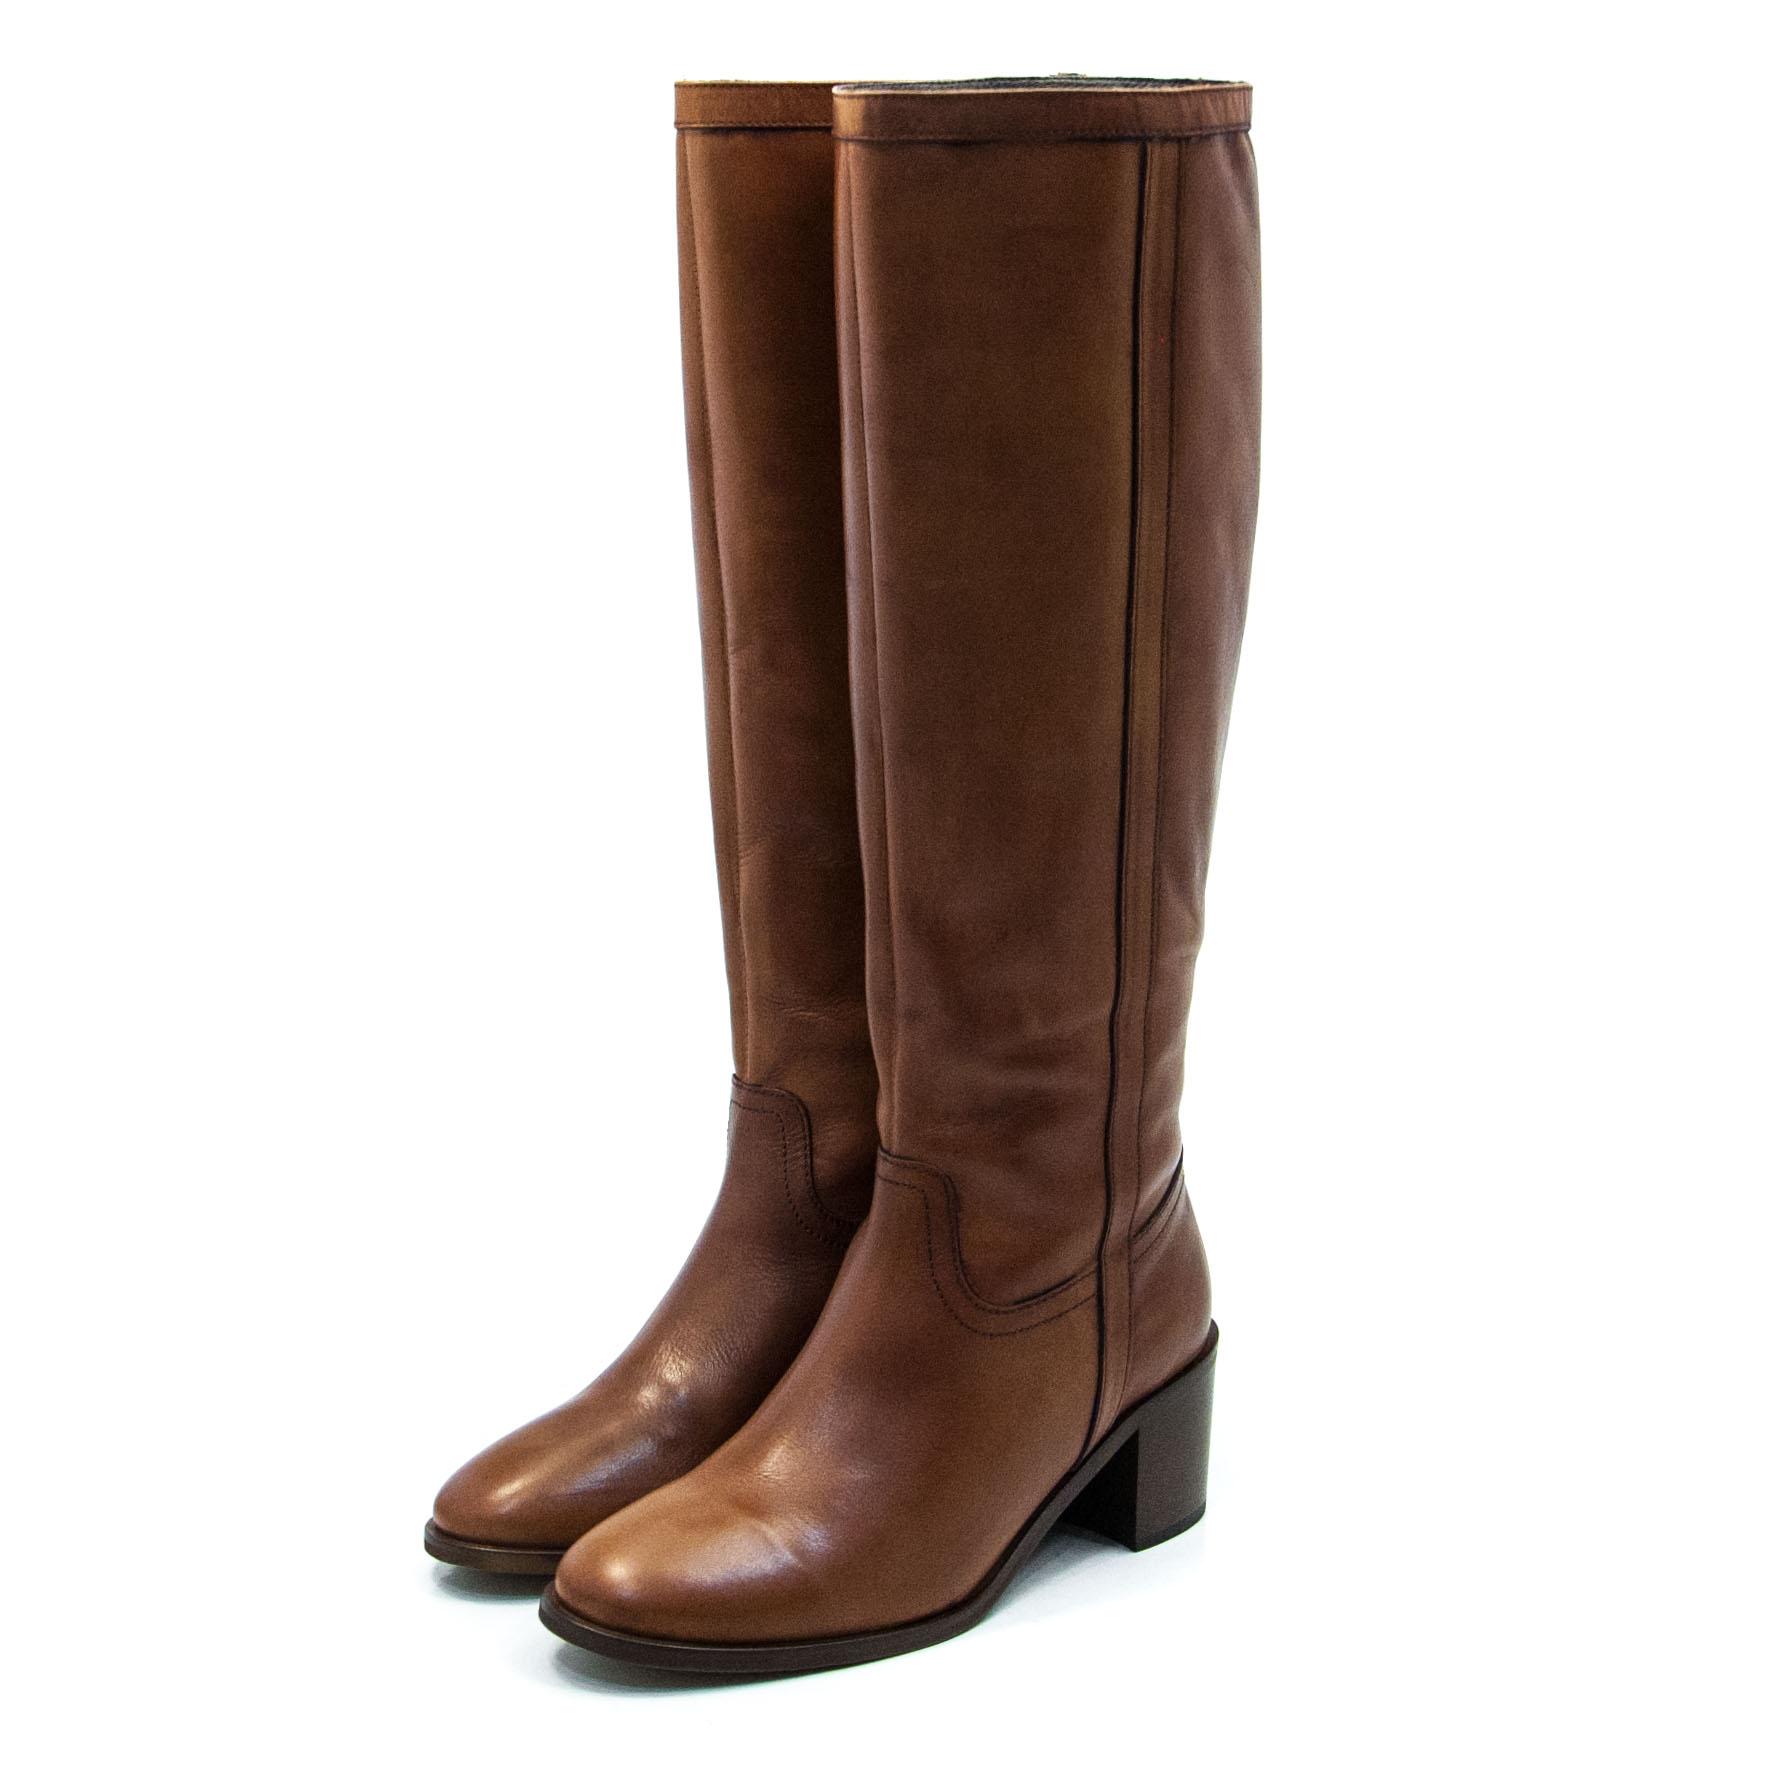 Γυναικεία μπότα PAOLA FERRI D7285